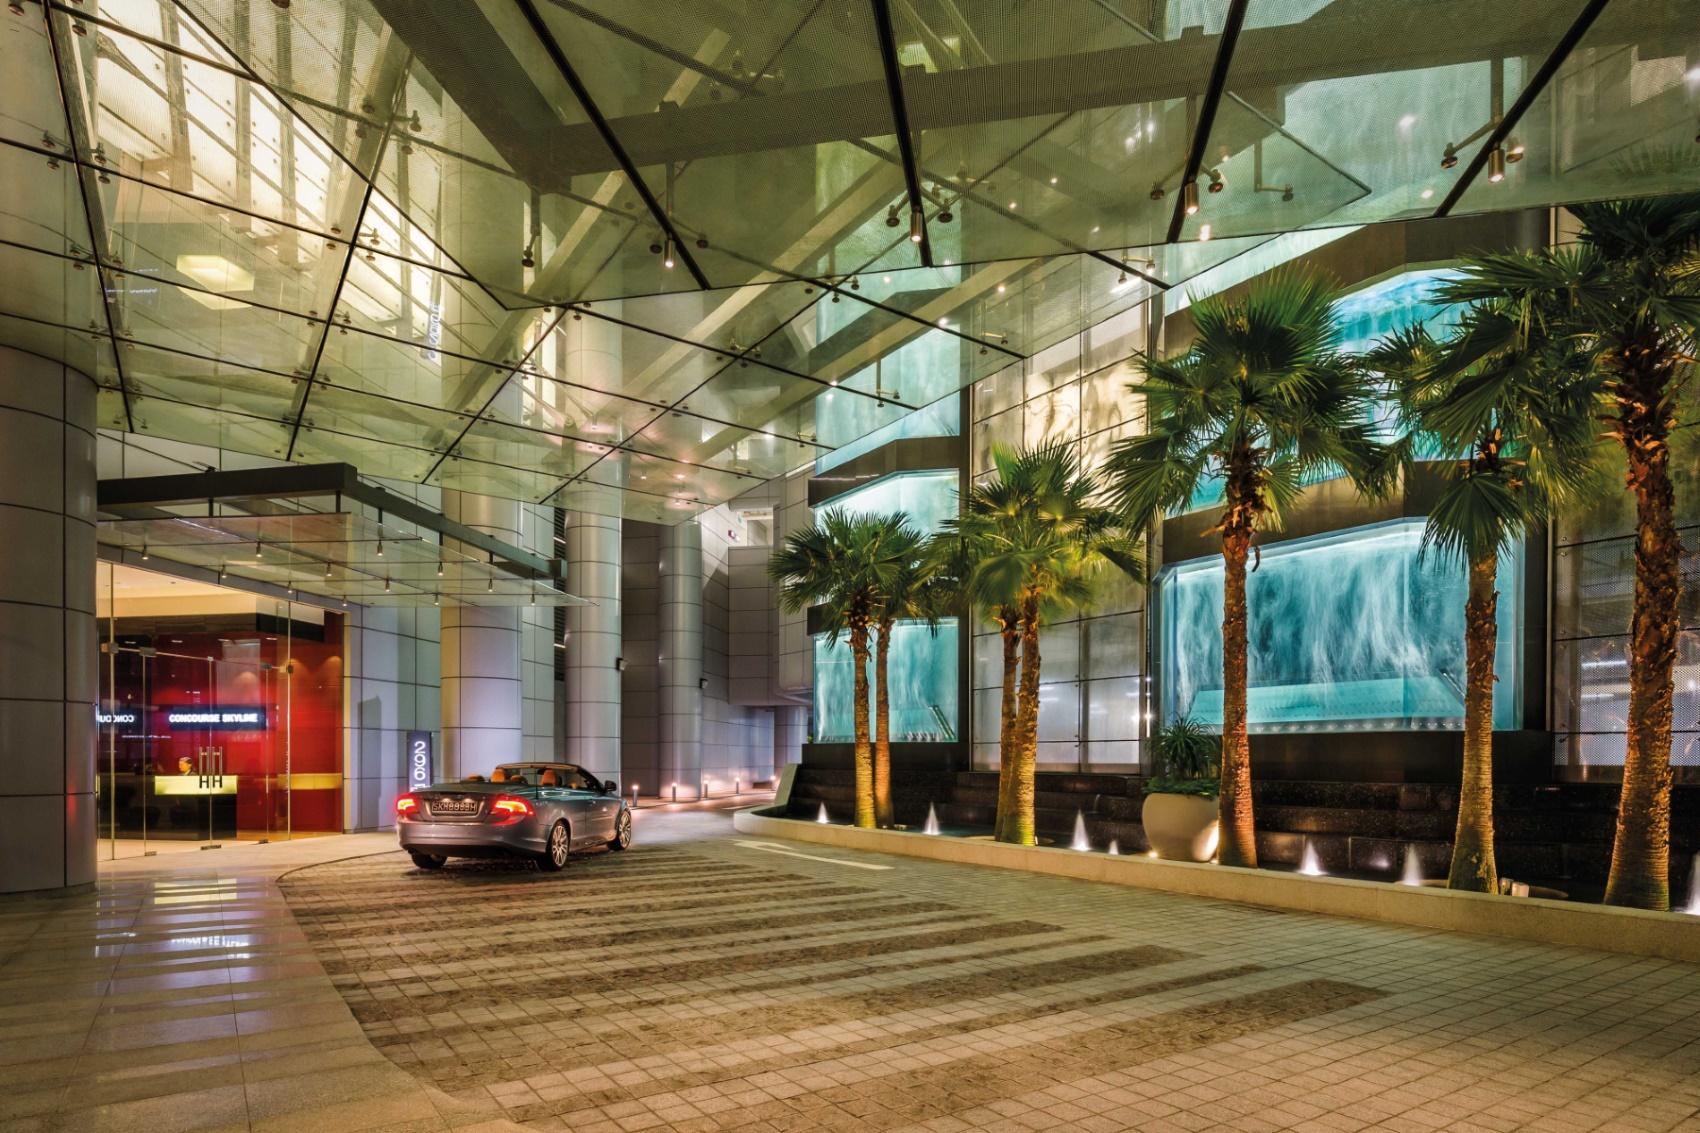 Concourse Skyline image